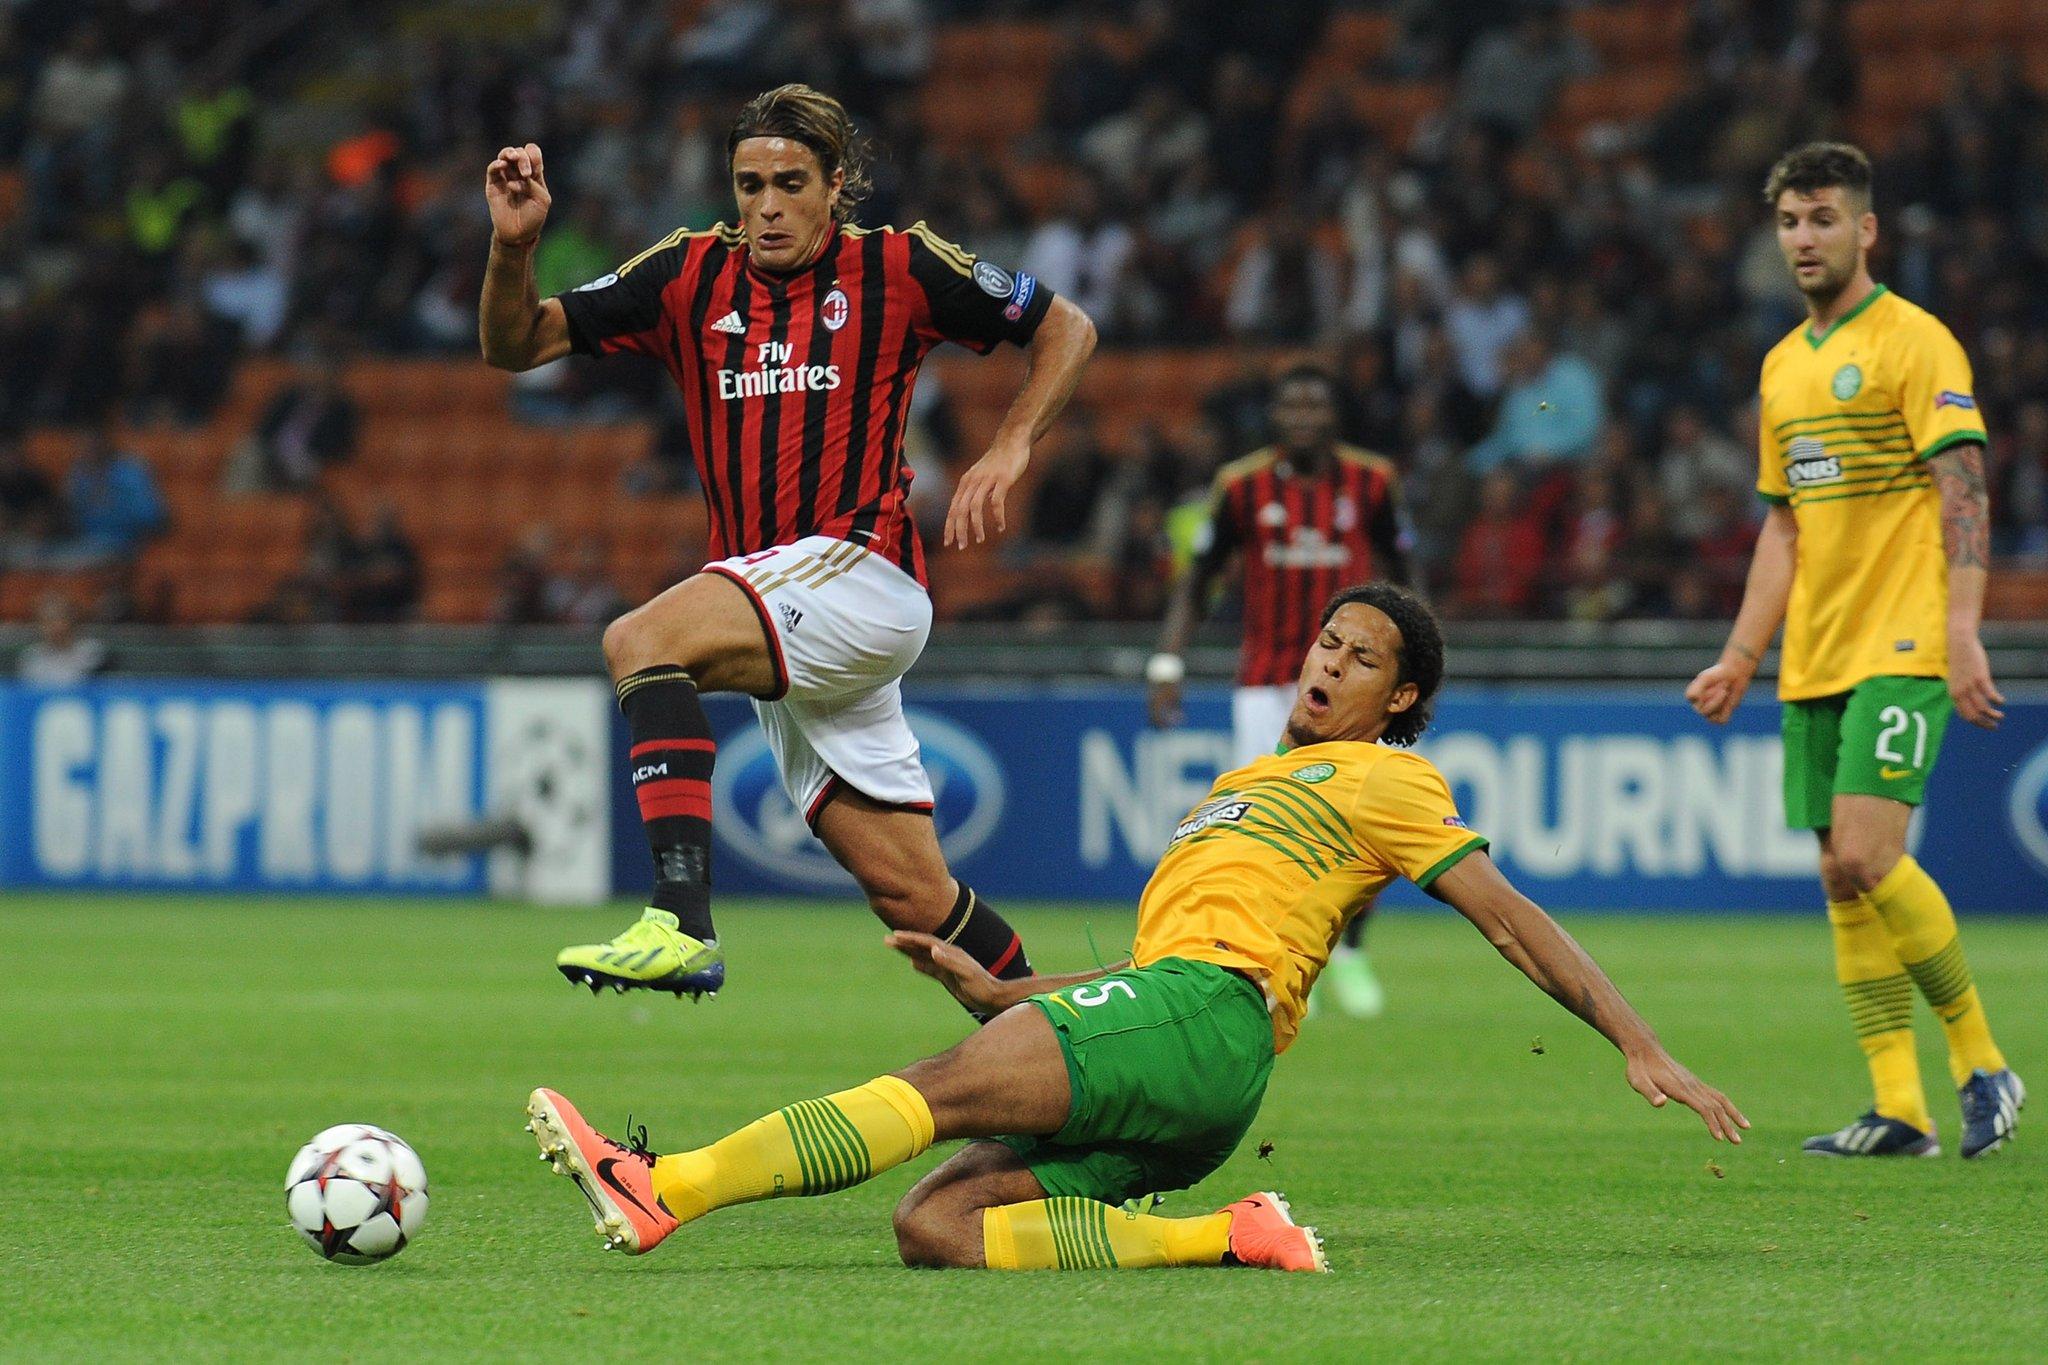 Mario Mandzukic có phá được lời nguyền áo số 9 của Milan hình ảnh gốc 2